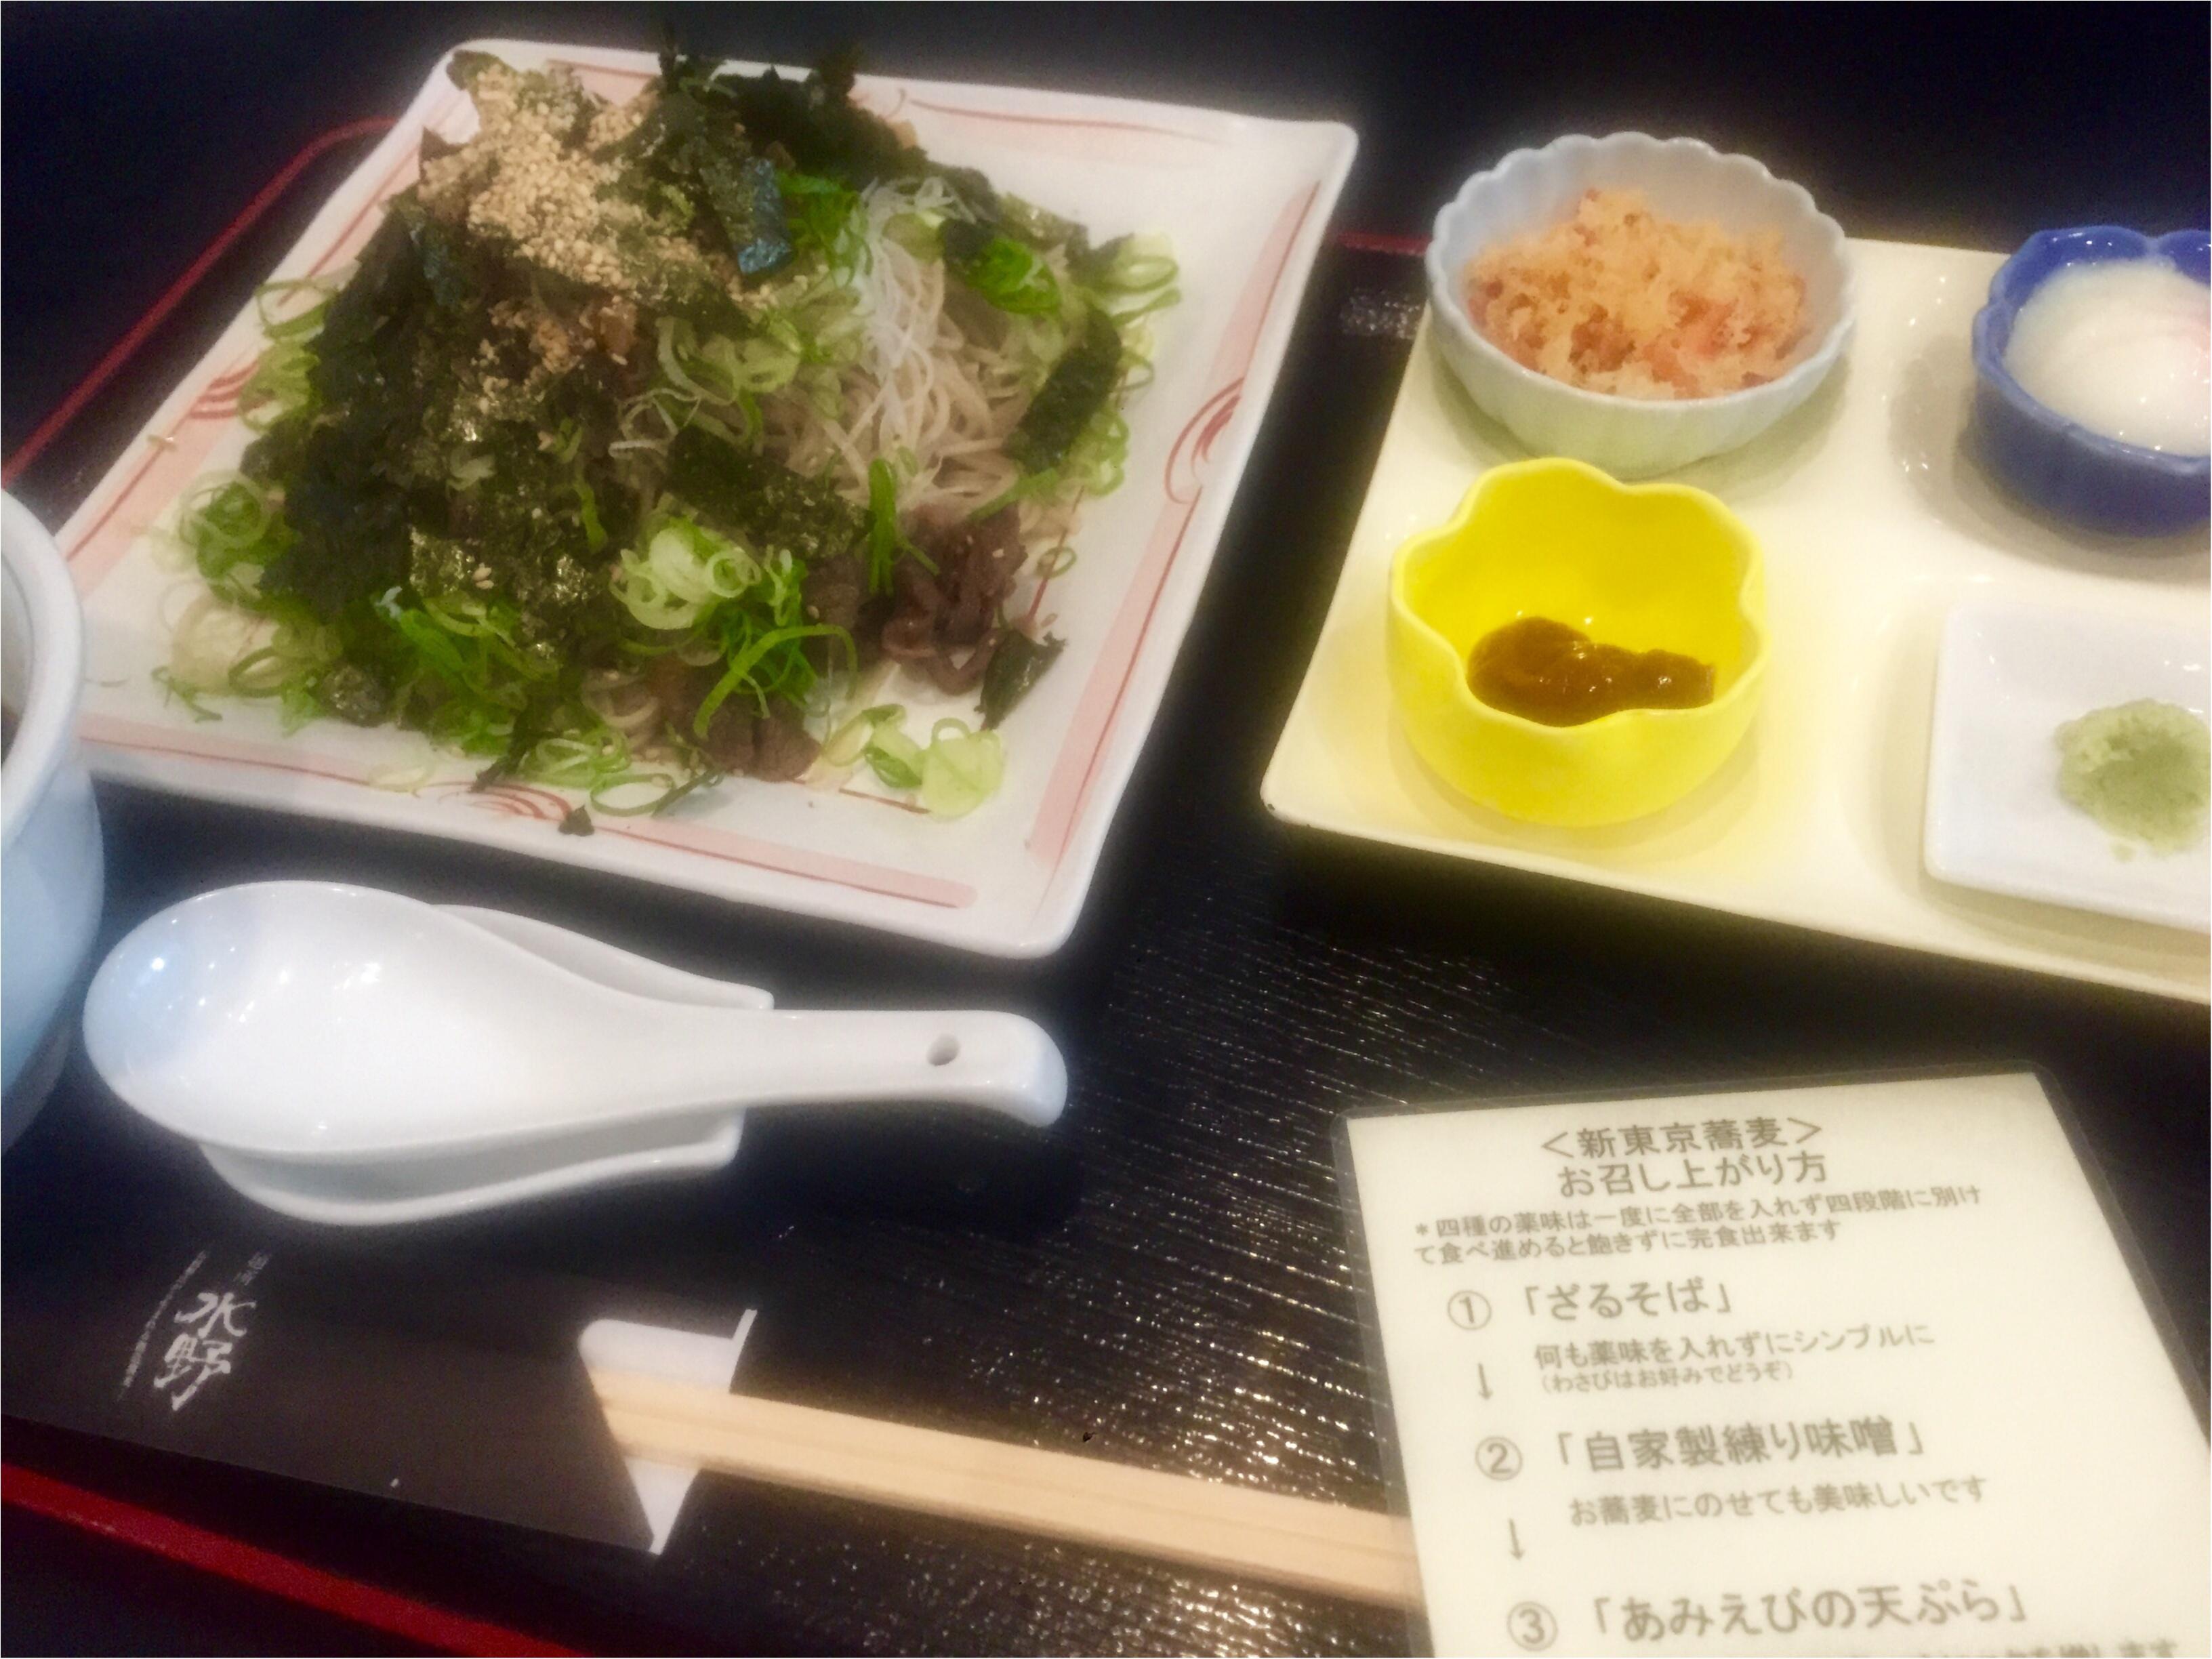 東京の人にも食べてほしい♡!三宮・水野のお蕎麦【新東京蕎麦】_2